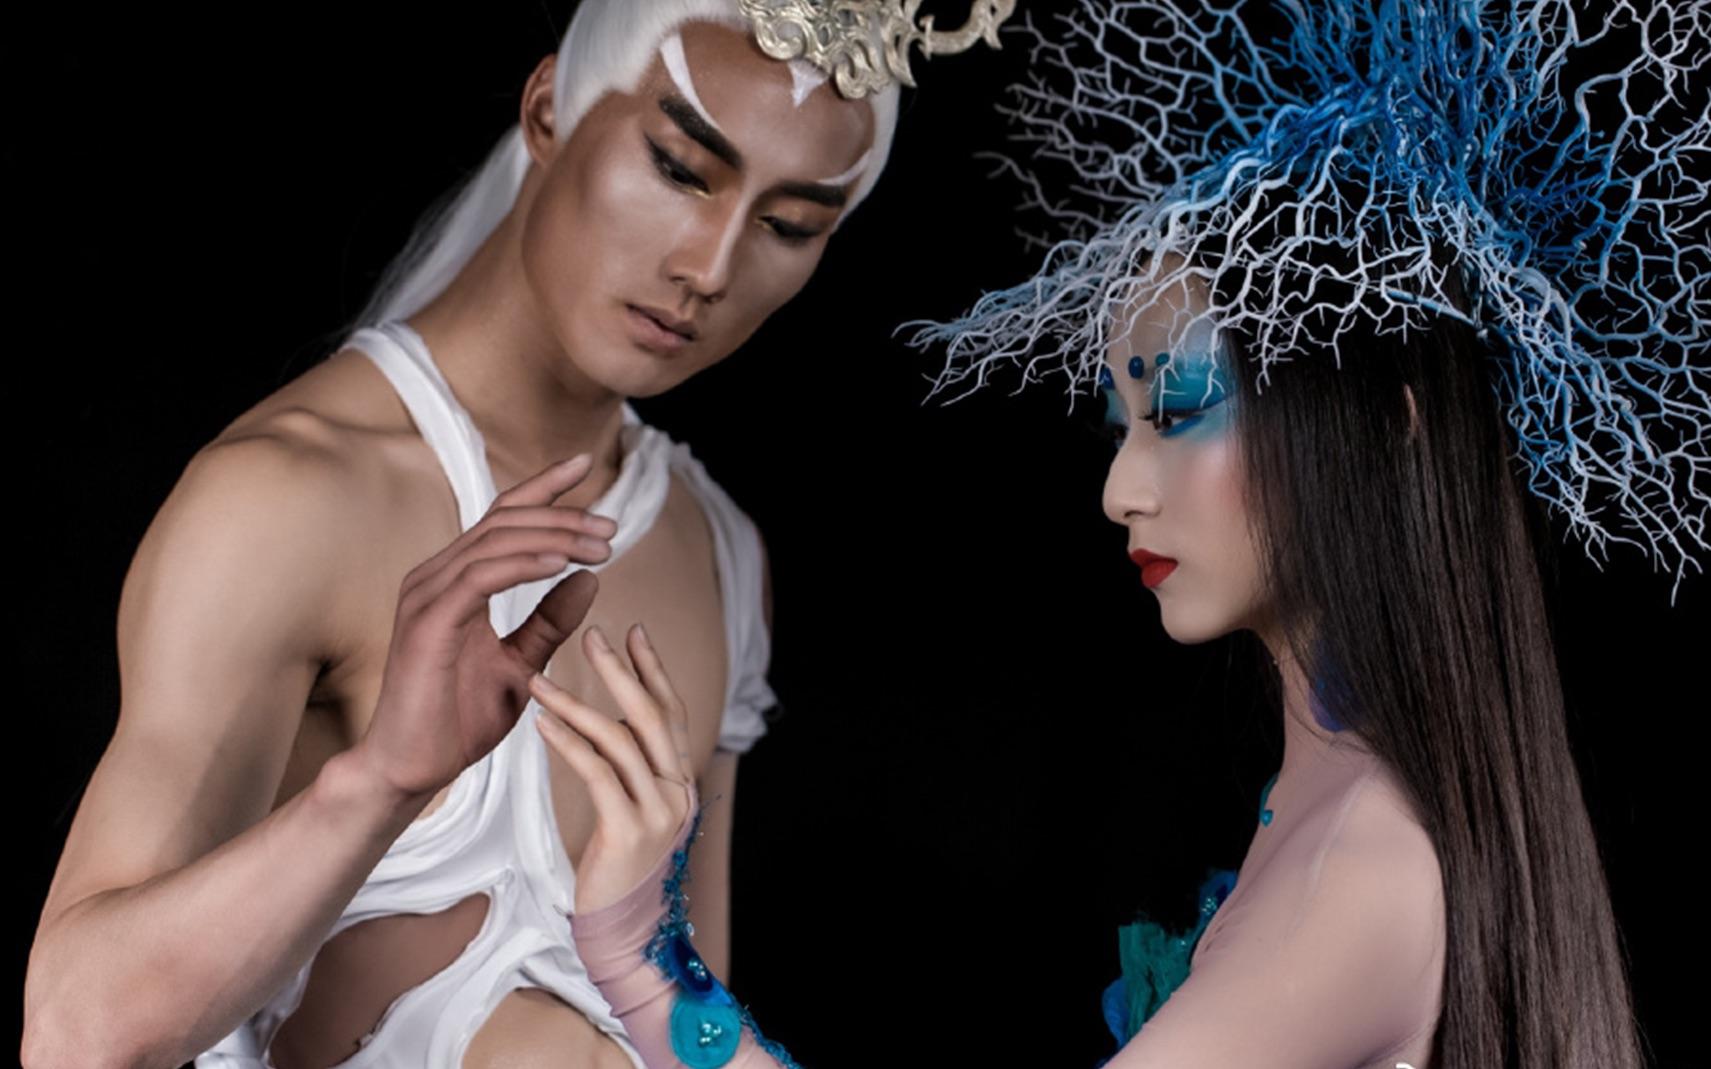 名师出高徒!与同性结婚的杨丽萍女徒弟热舞现场曝光,众人齐叫好